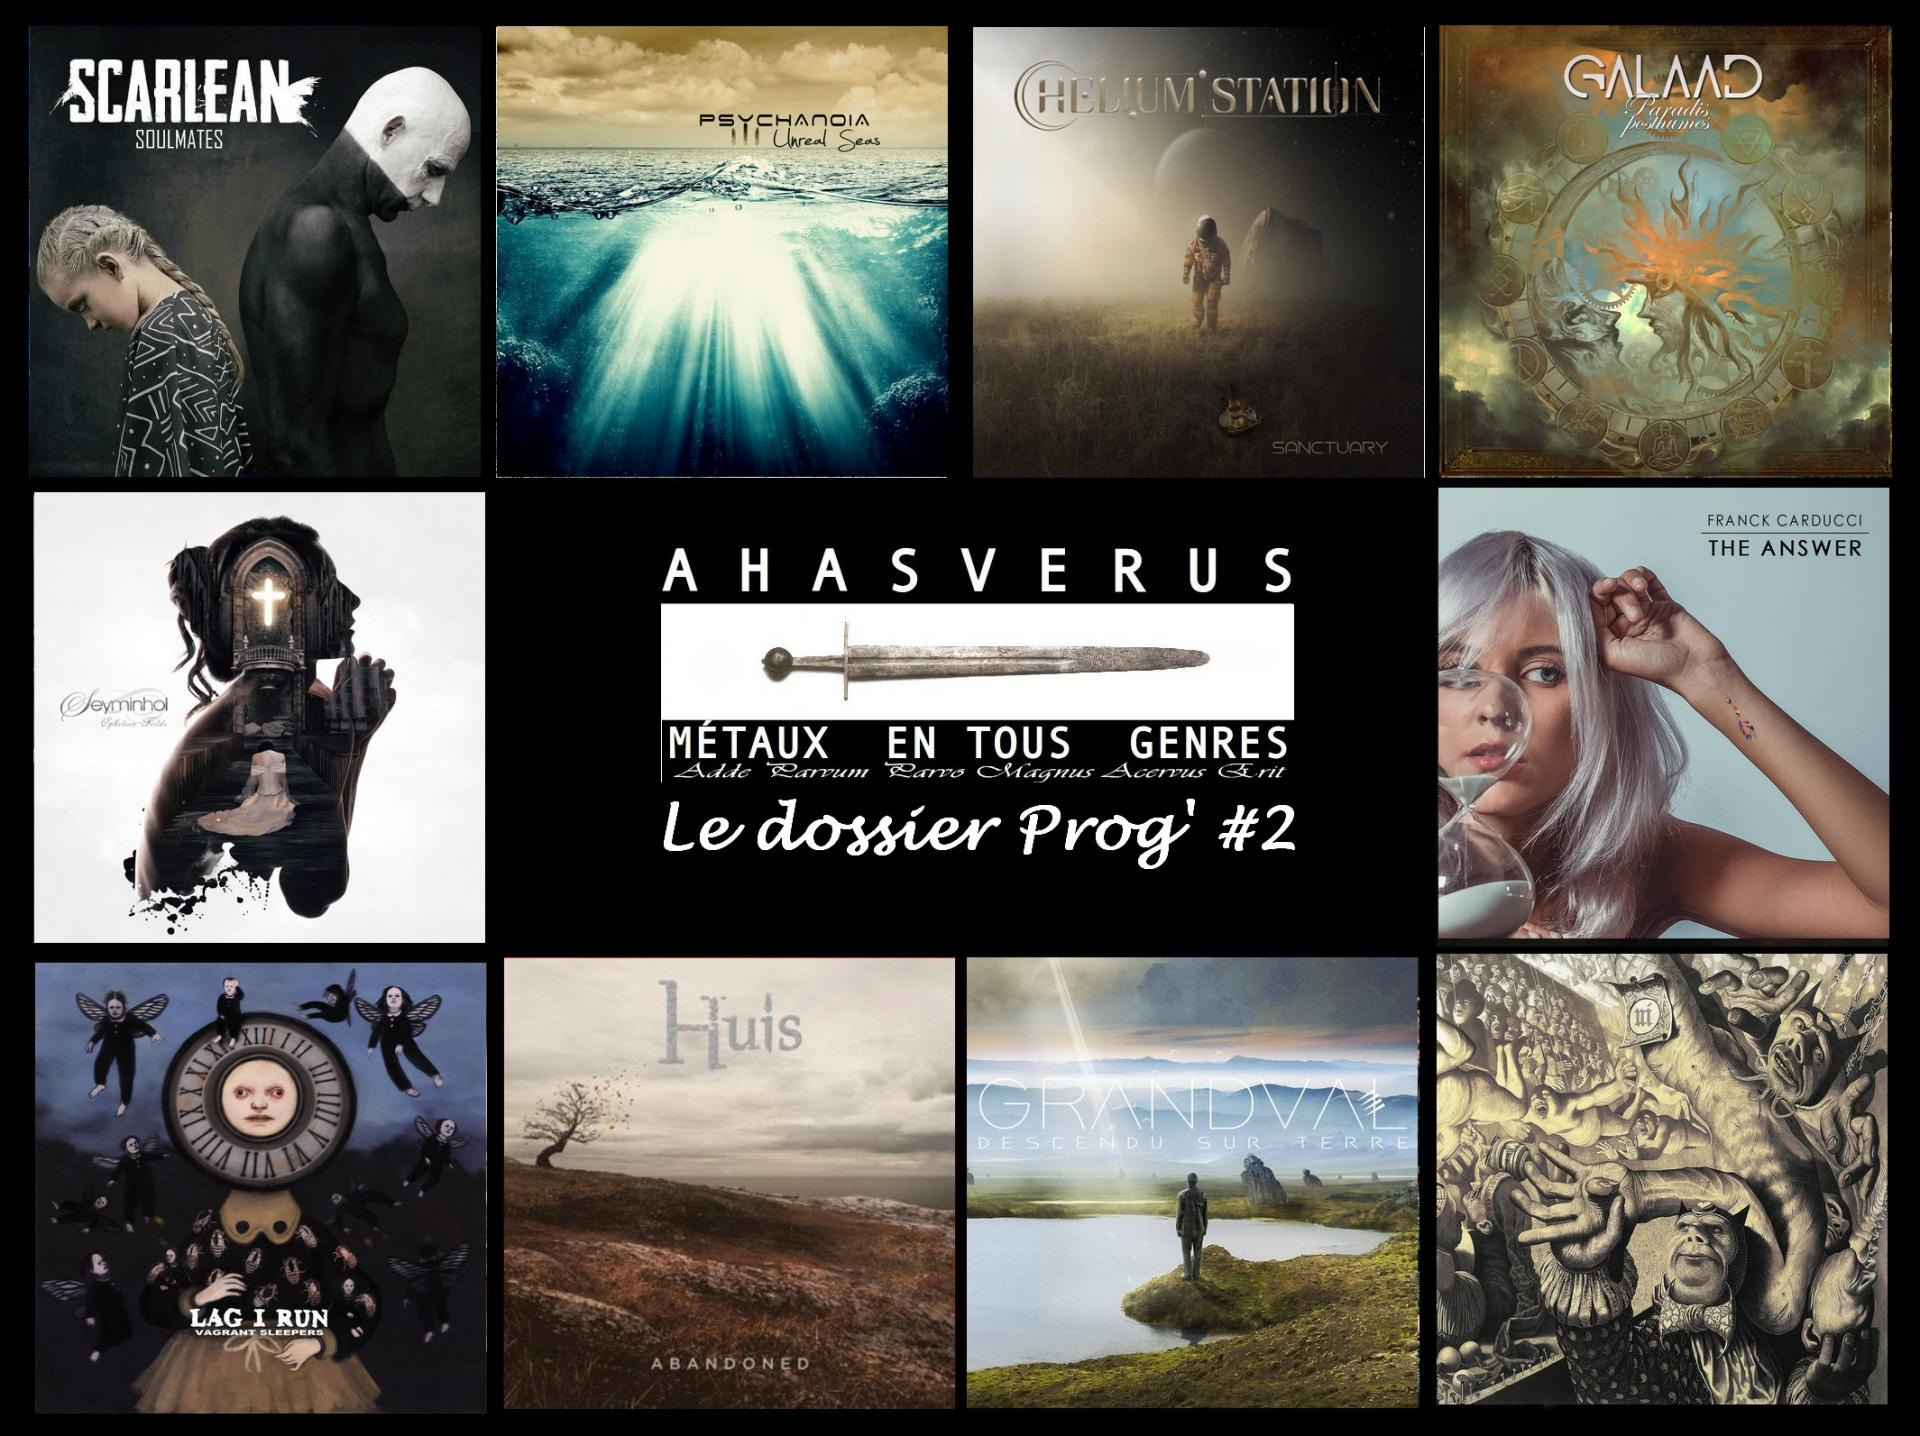 Les dossiers d'Ahasverus : Le PROG' (deuxième partie)